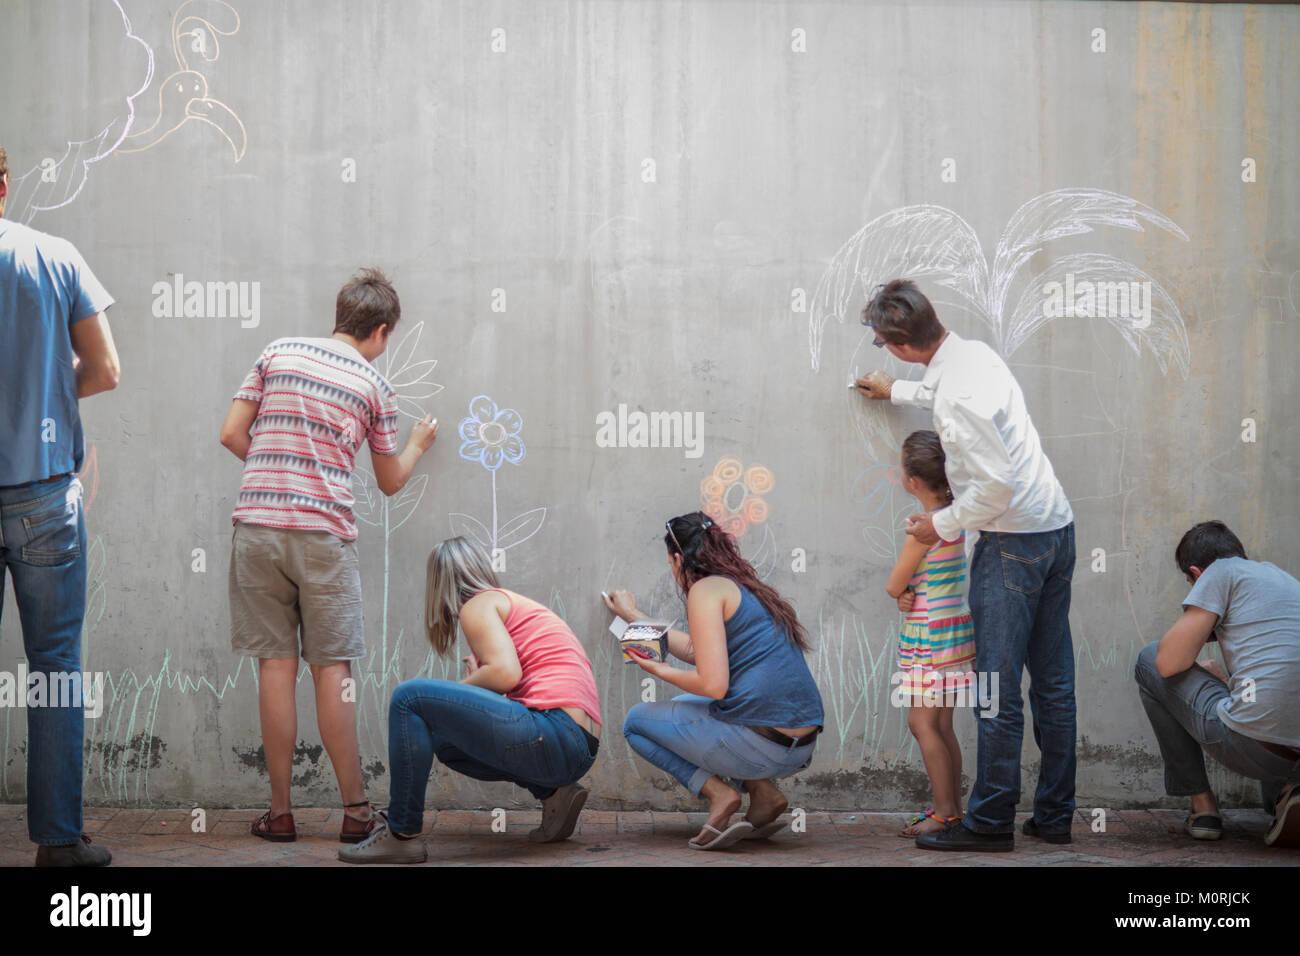 Personas coloridas imágenes de dibujo con tiza en una pared de hormigón Imagen De Stock